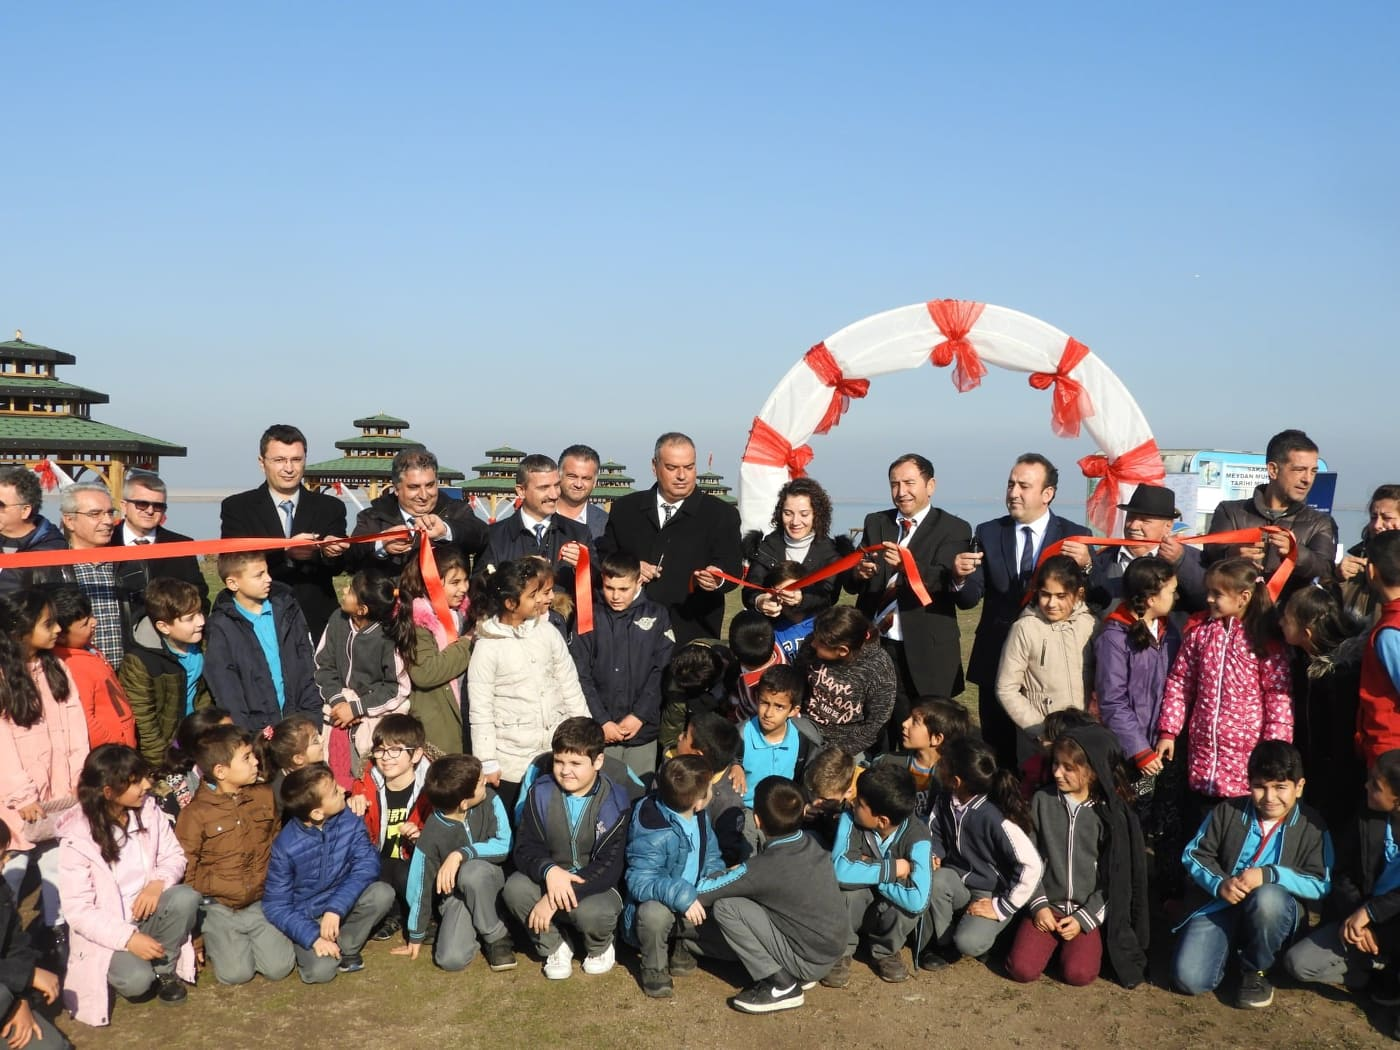 Enez Gala Gölü Milli Parkta Proje Açılışı